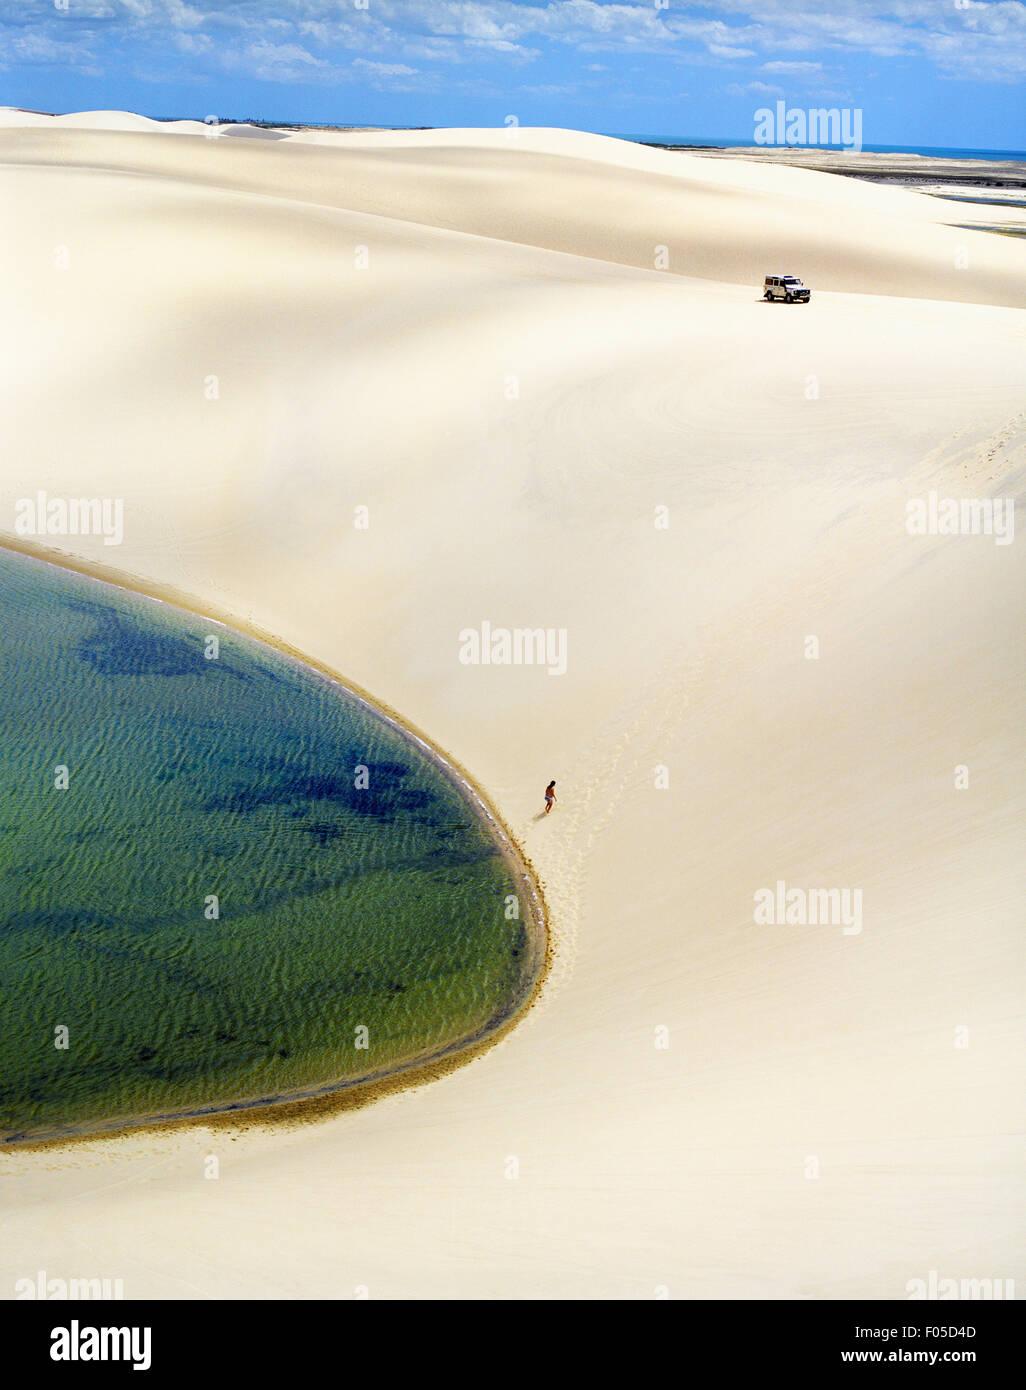 Un sable boarder randonnées sauvegarder une dune pour un autre tour du Dunas Tatajuba, juste à l'extérieur Photo Stock